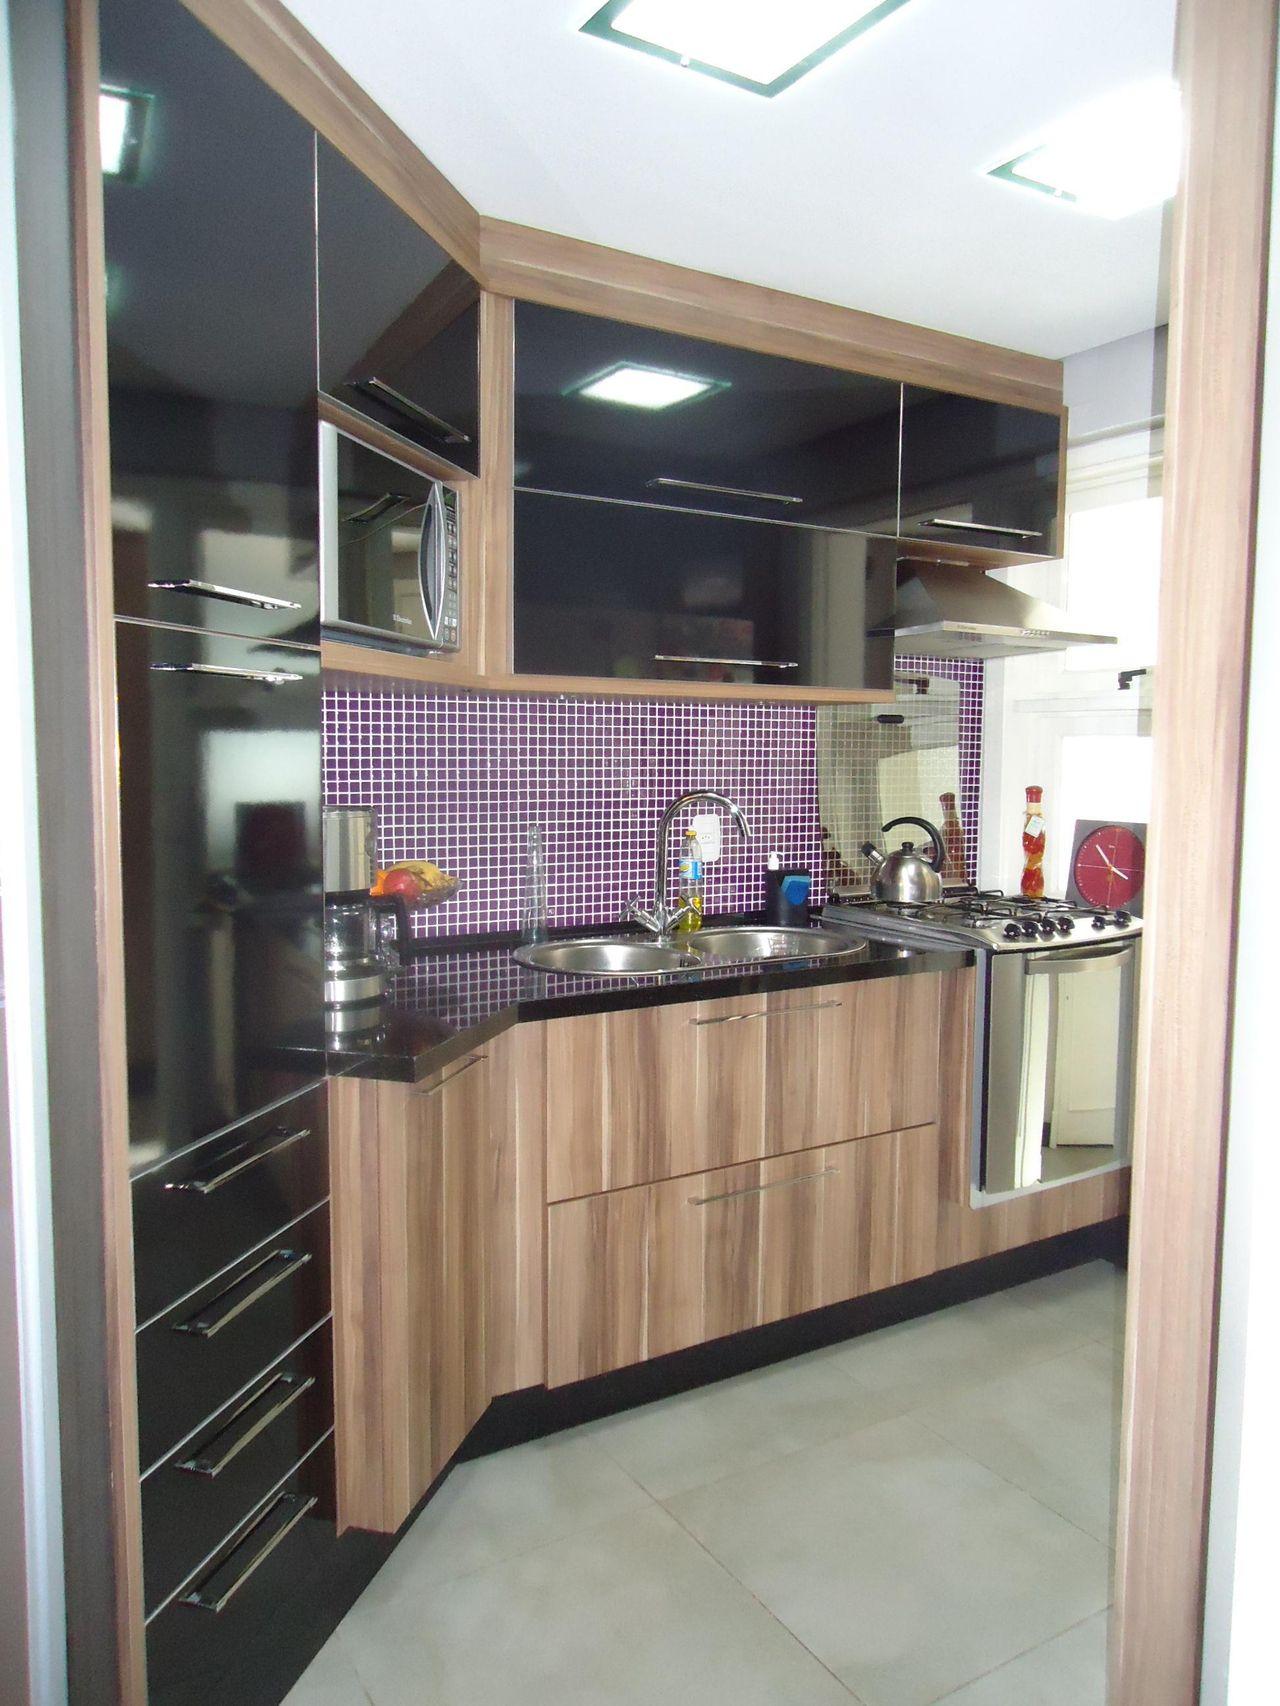 Cozinha Planejada Preta E Marrom De Leandra Saldanha 46926 No Viva